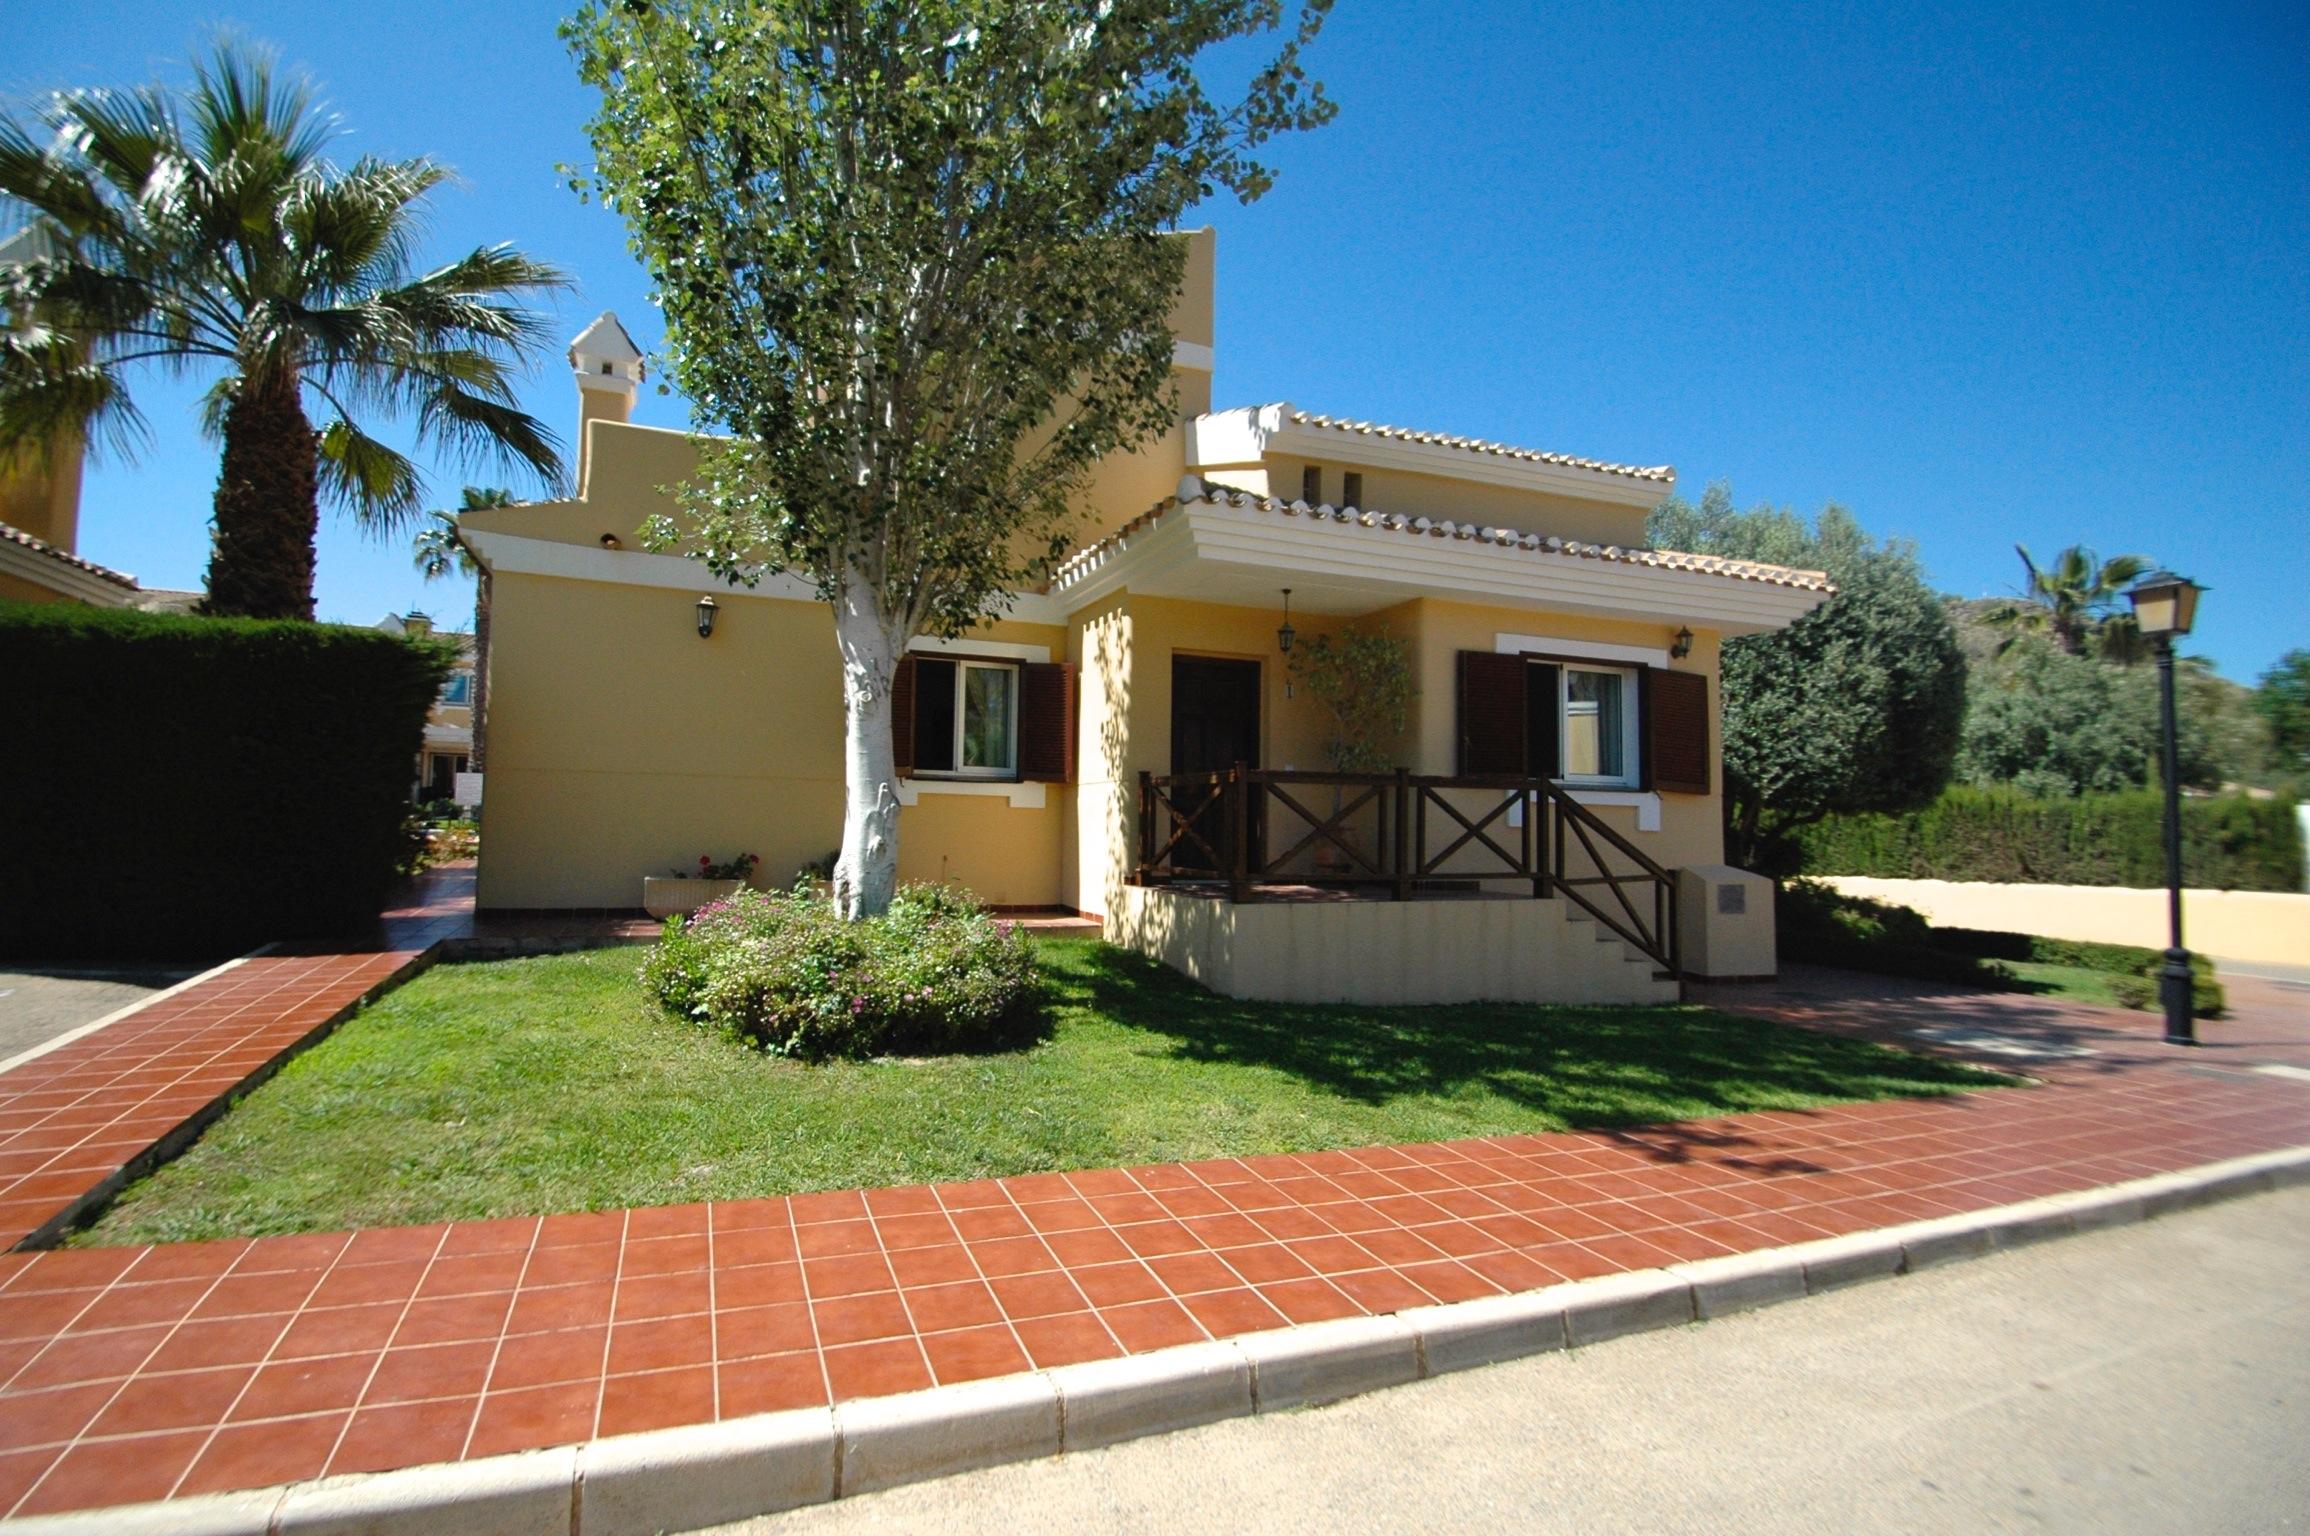 El Romero Villa